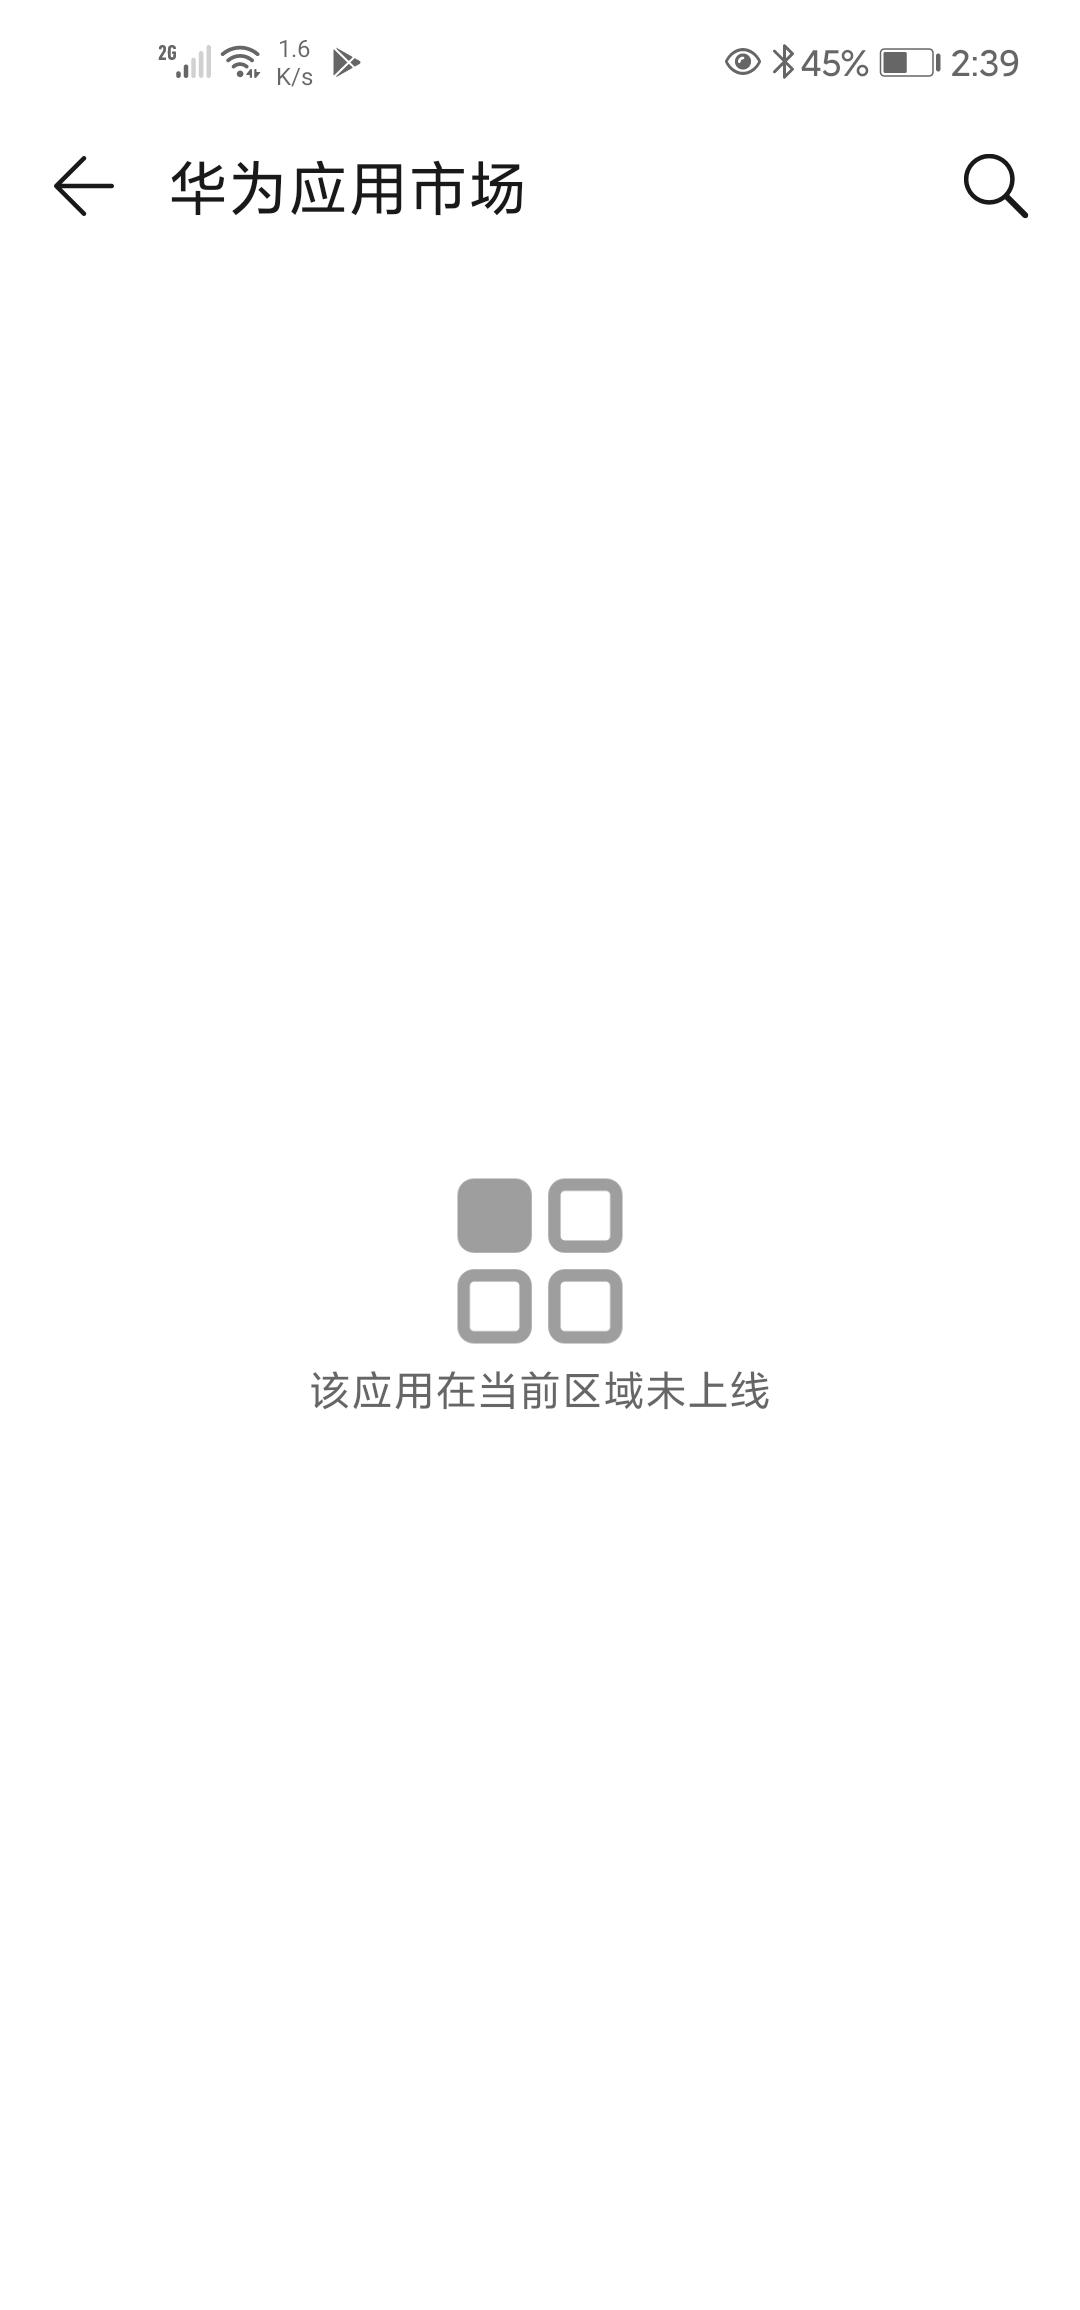 Screenshot_20200509_023941_com.huawei.appmarket.jpg